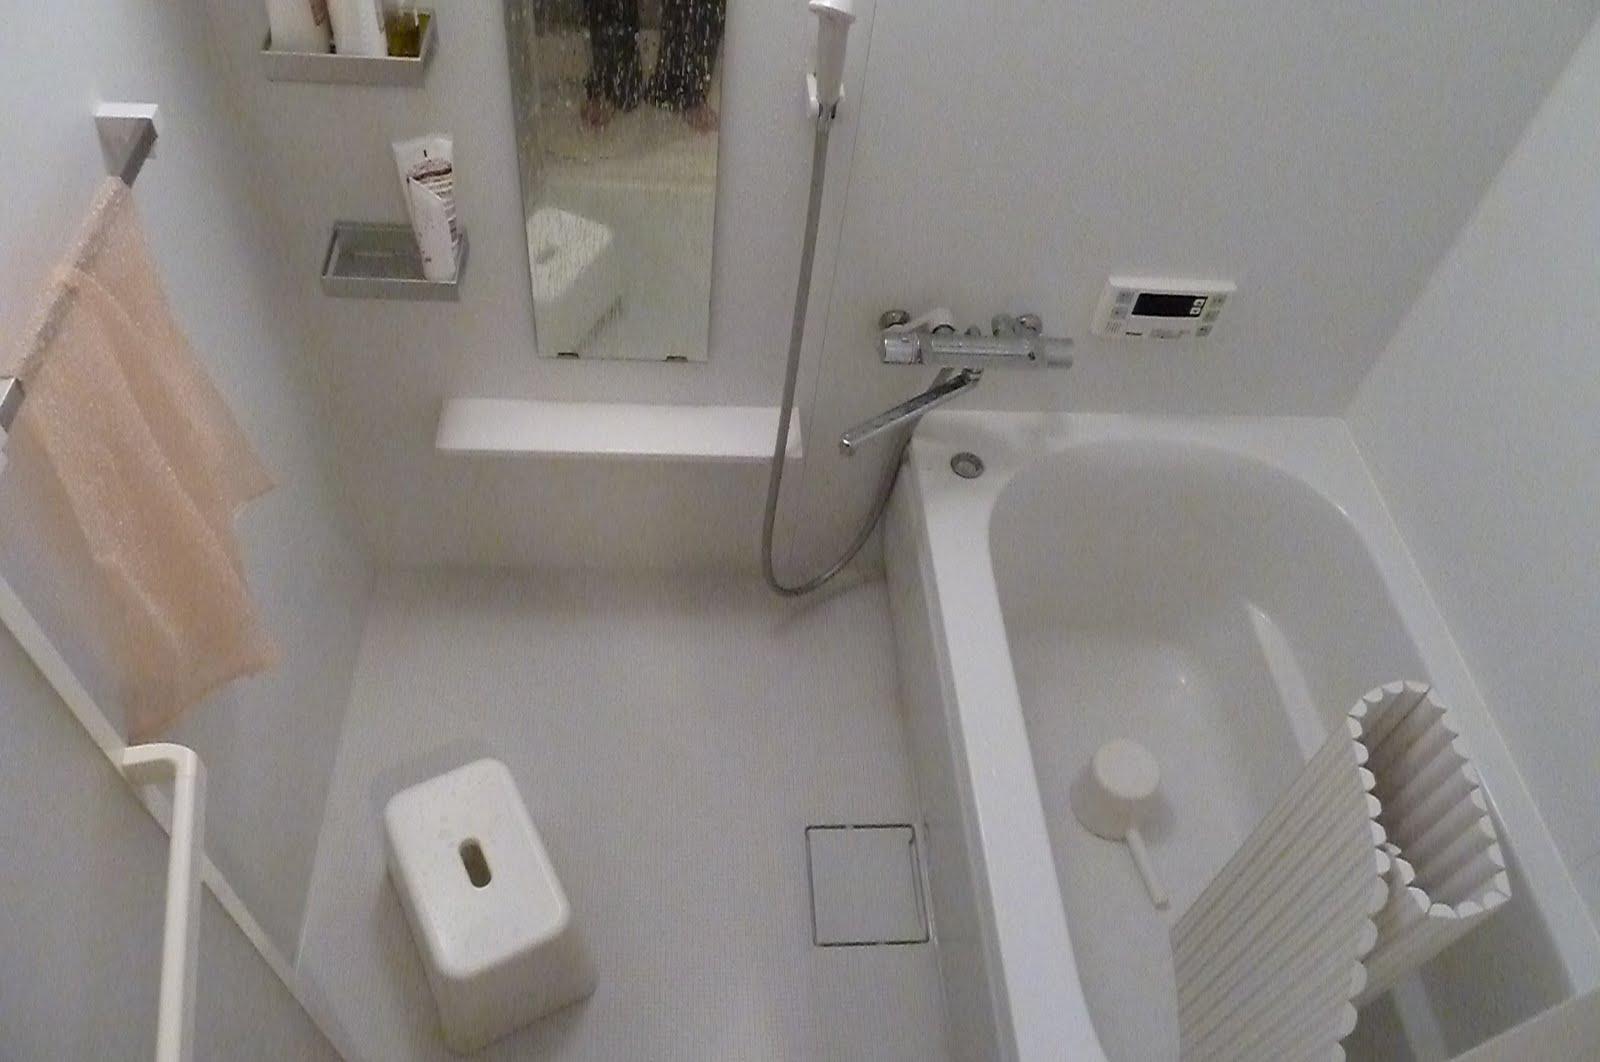 Japanisches Badezimmer | Villa Alba Marken Trecastelli Firma ...